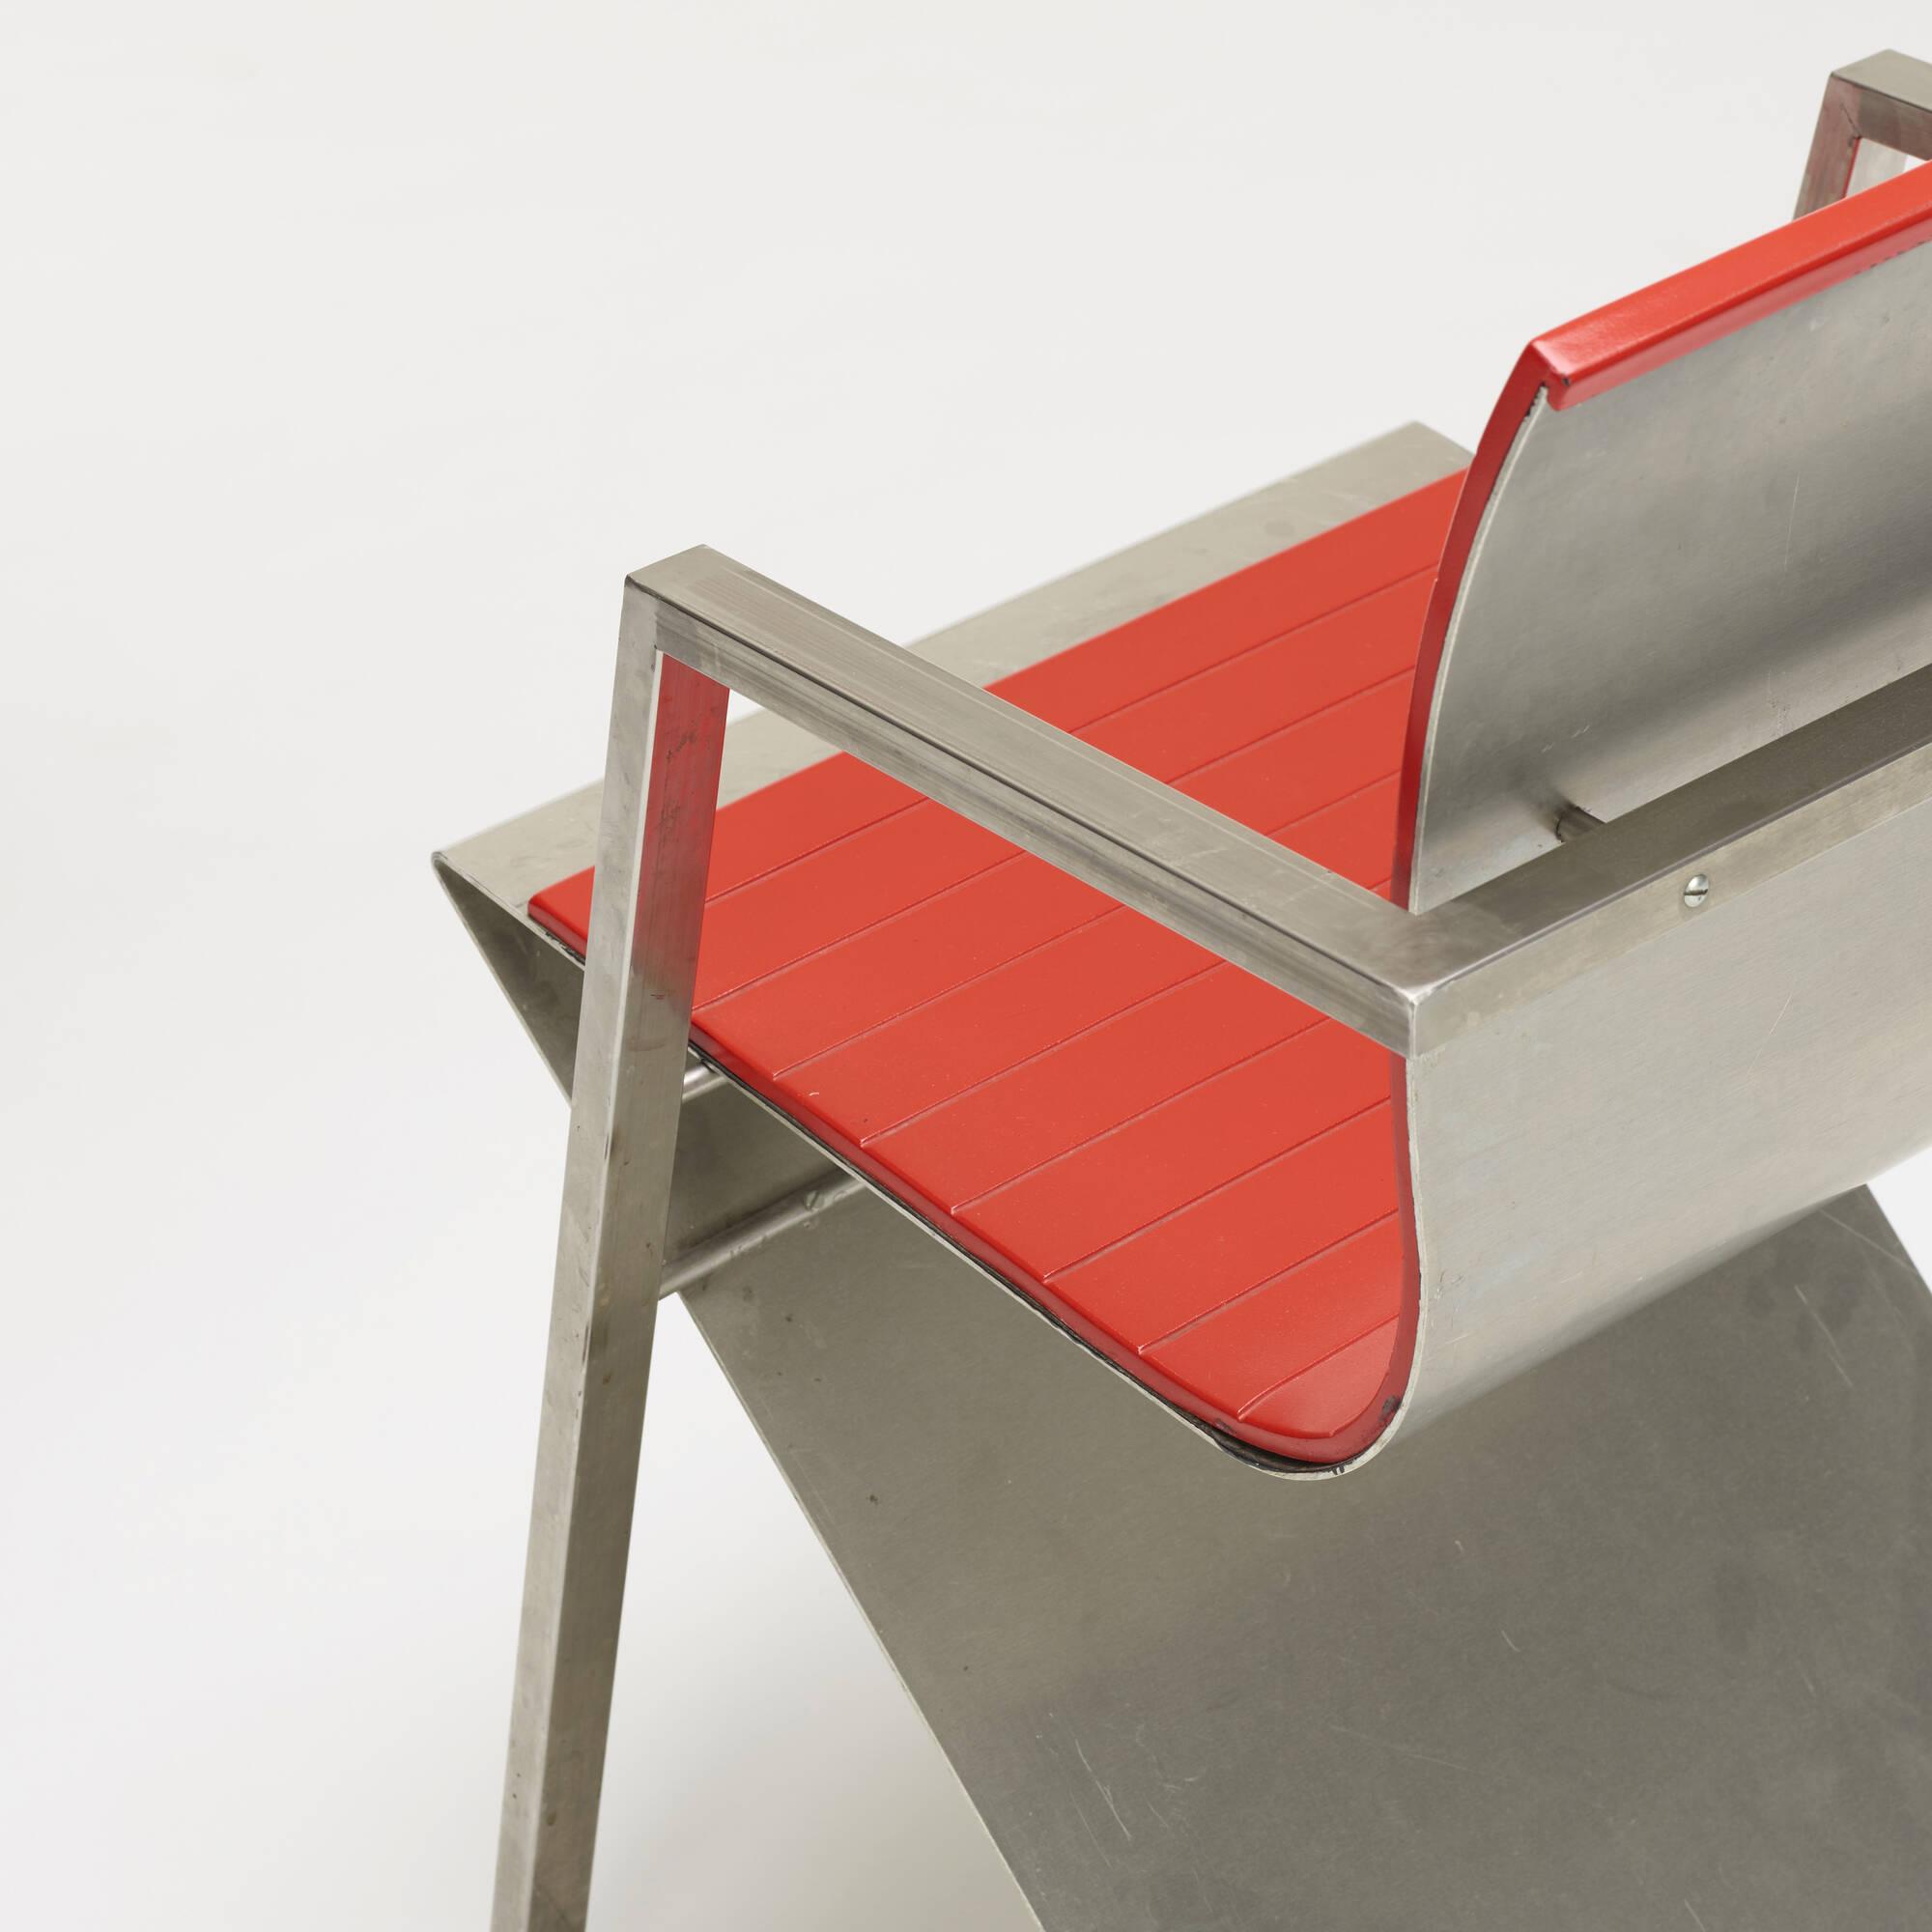 273: Reinhard Muller / d8 armchair (5 of 6)